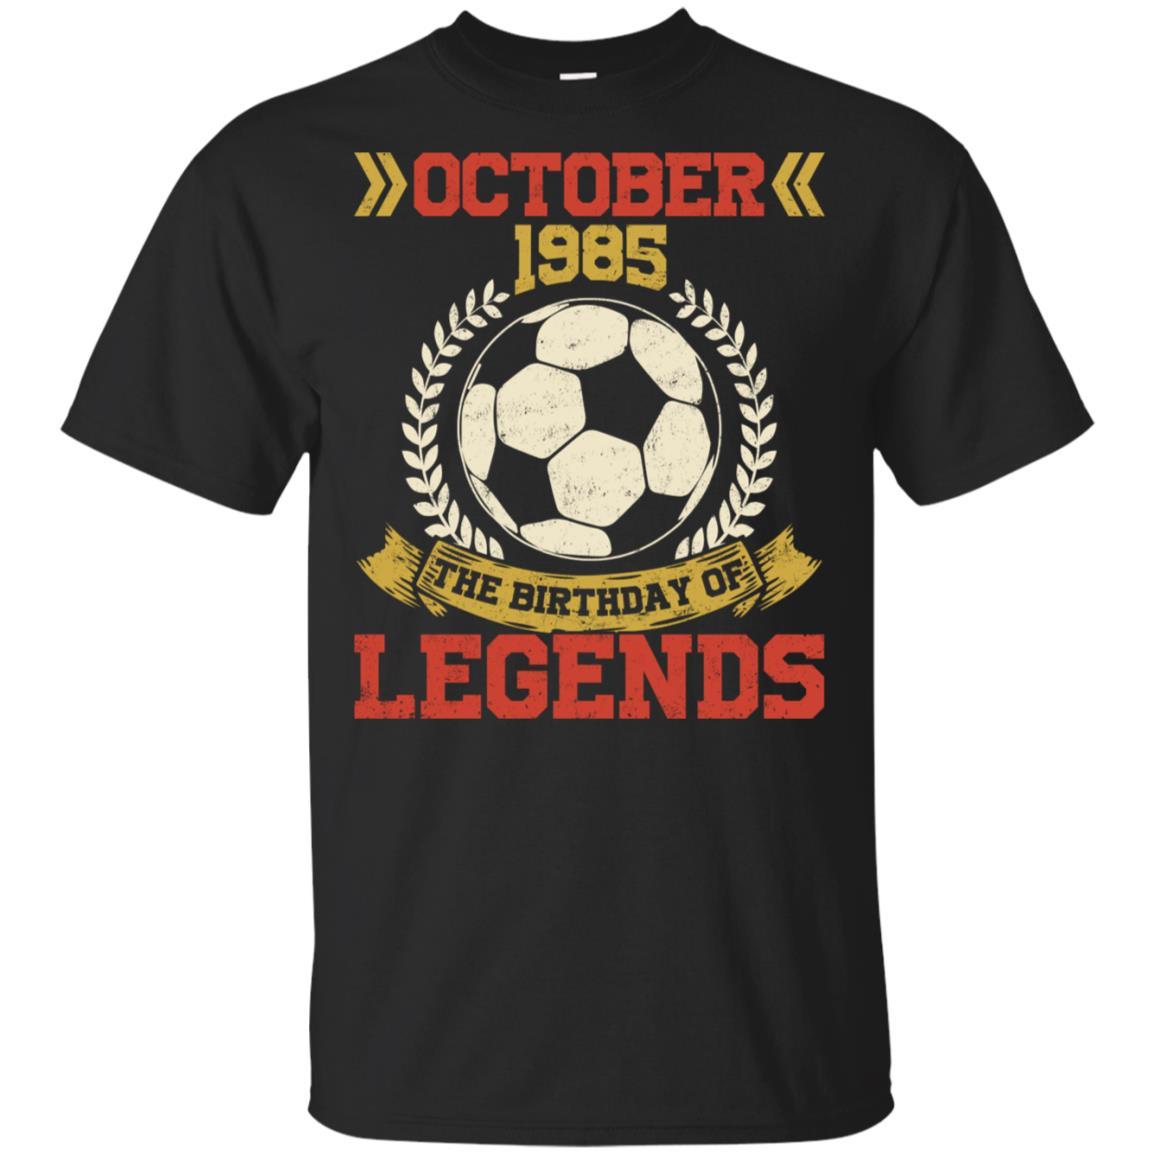 1985 October 33rd Birthday Of Football Soccer Legend Unisex Short Sleeve